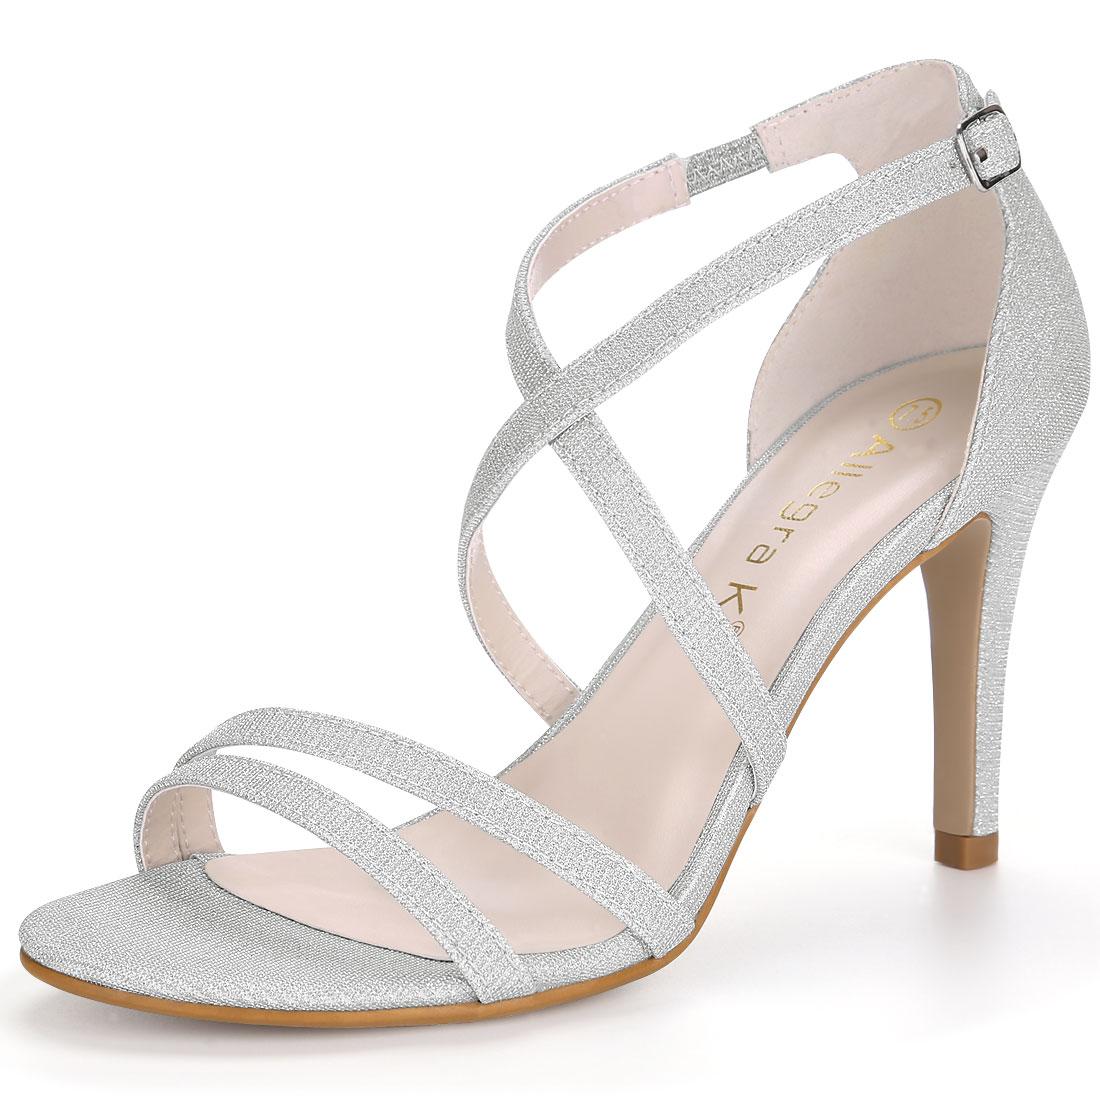 Allegra K Women's Glitter Design Stiletto Heel Strappy Sandals Silver US 6